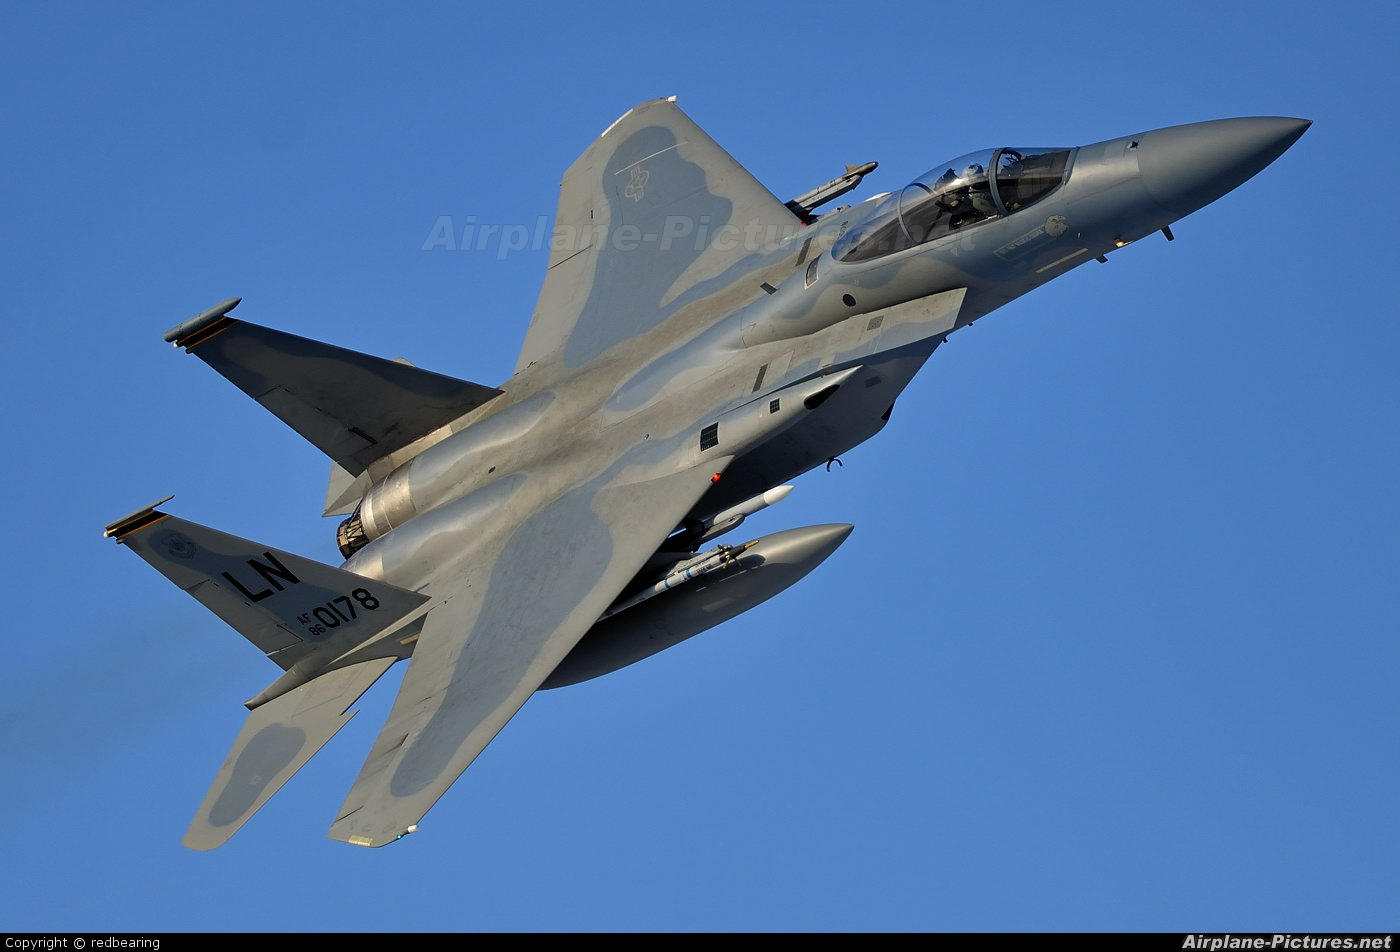 USA - Air Force 86-0178 aircraft at Lakenheath